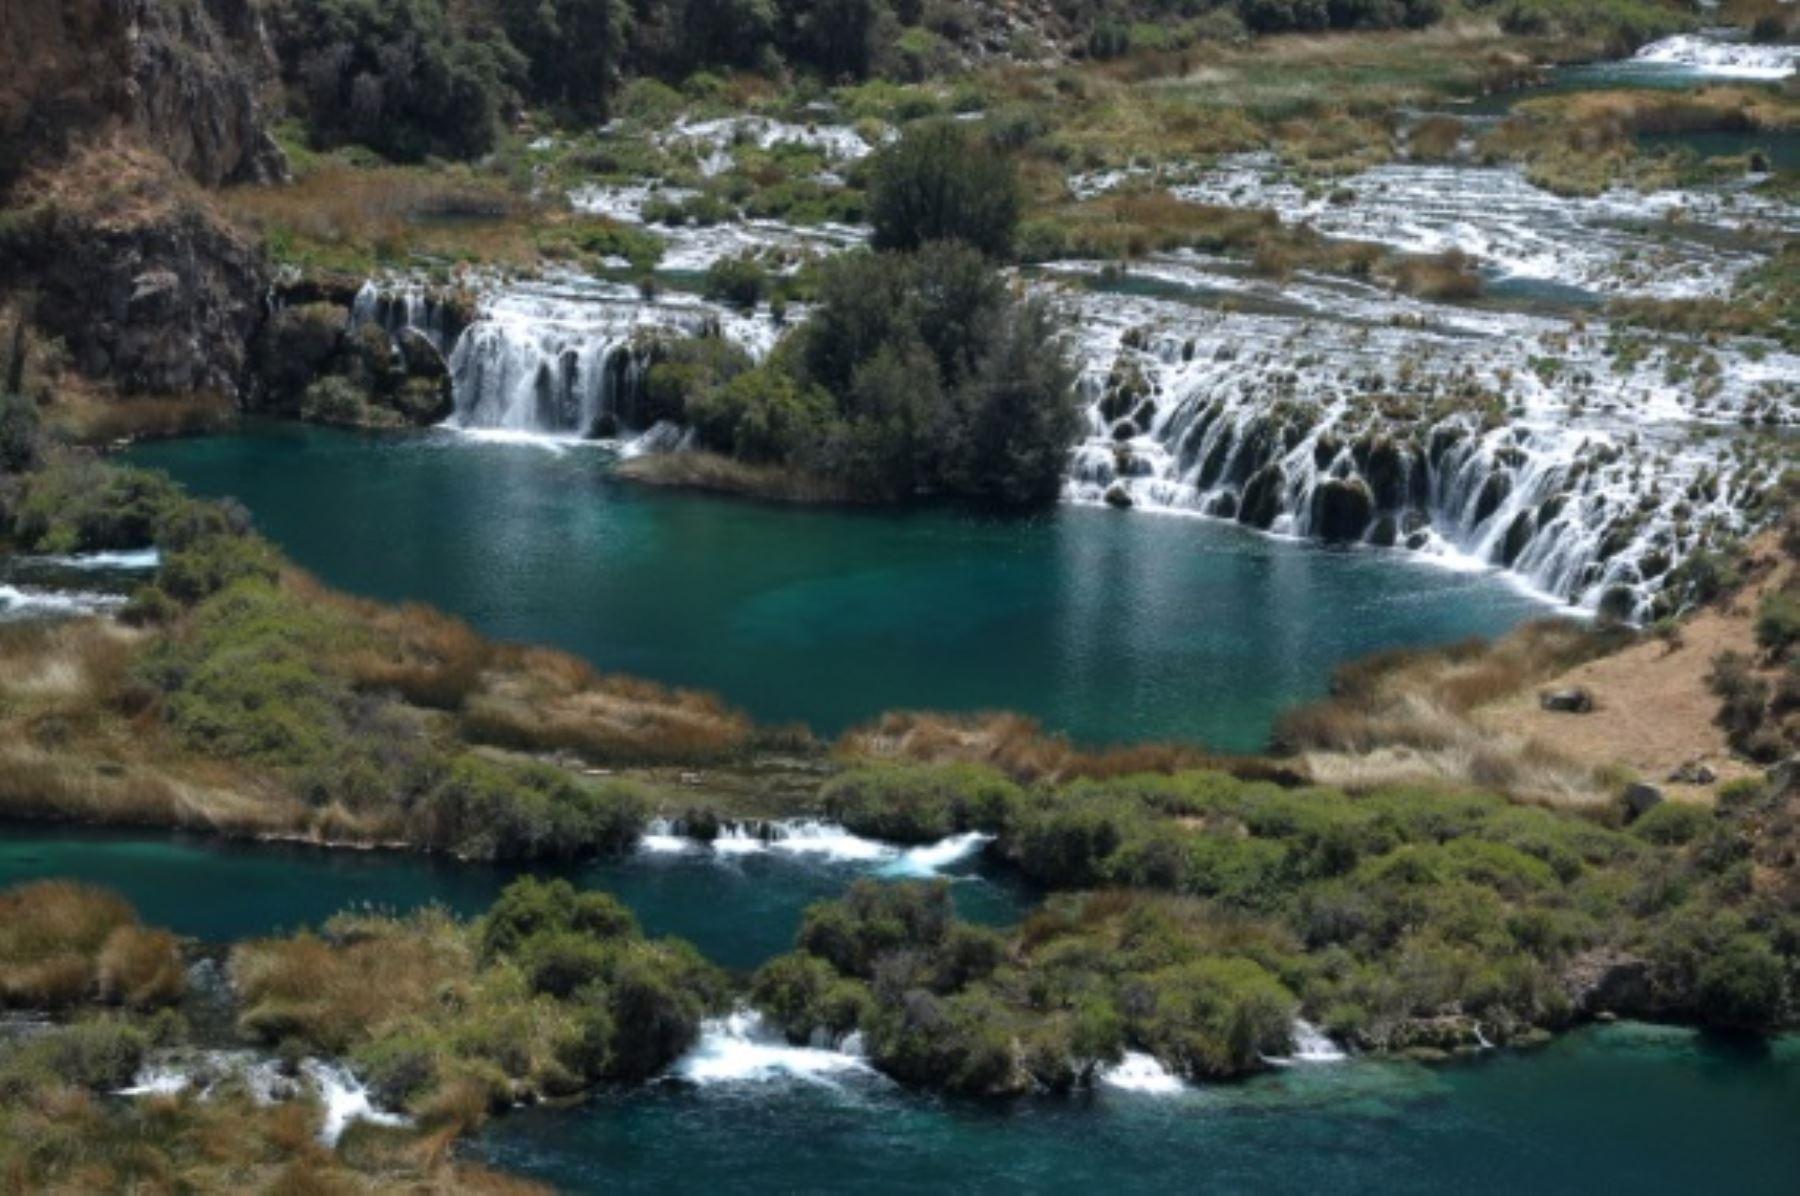 Segunda fase de proyecto Glaciares estudiará impacto del retroceso de glaciares en cuenca del río Cañete debido al cambio climático.